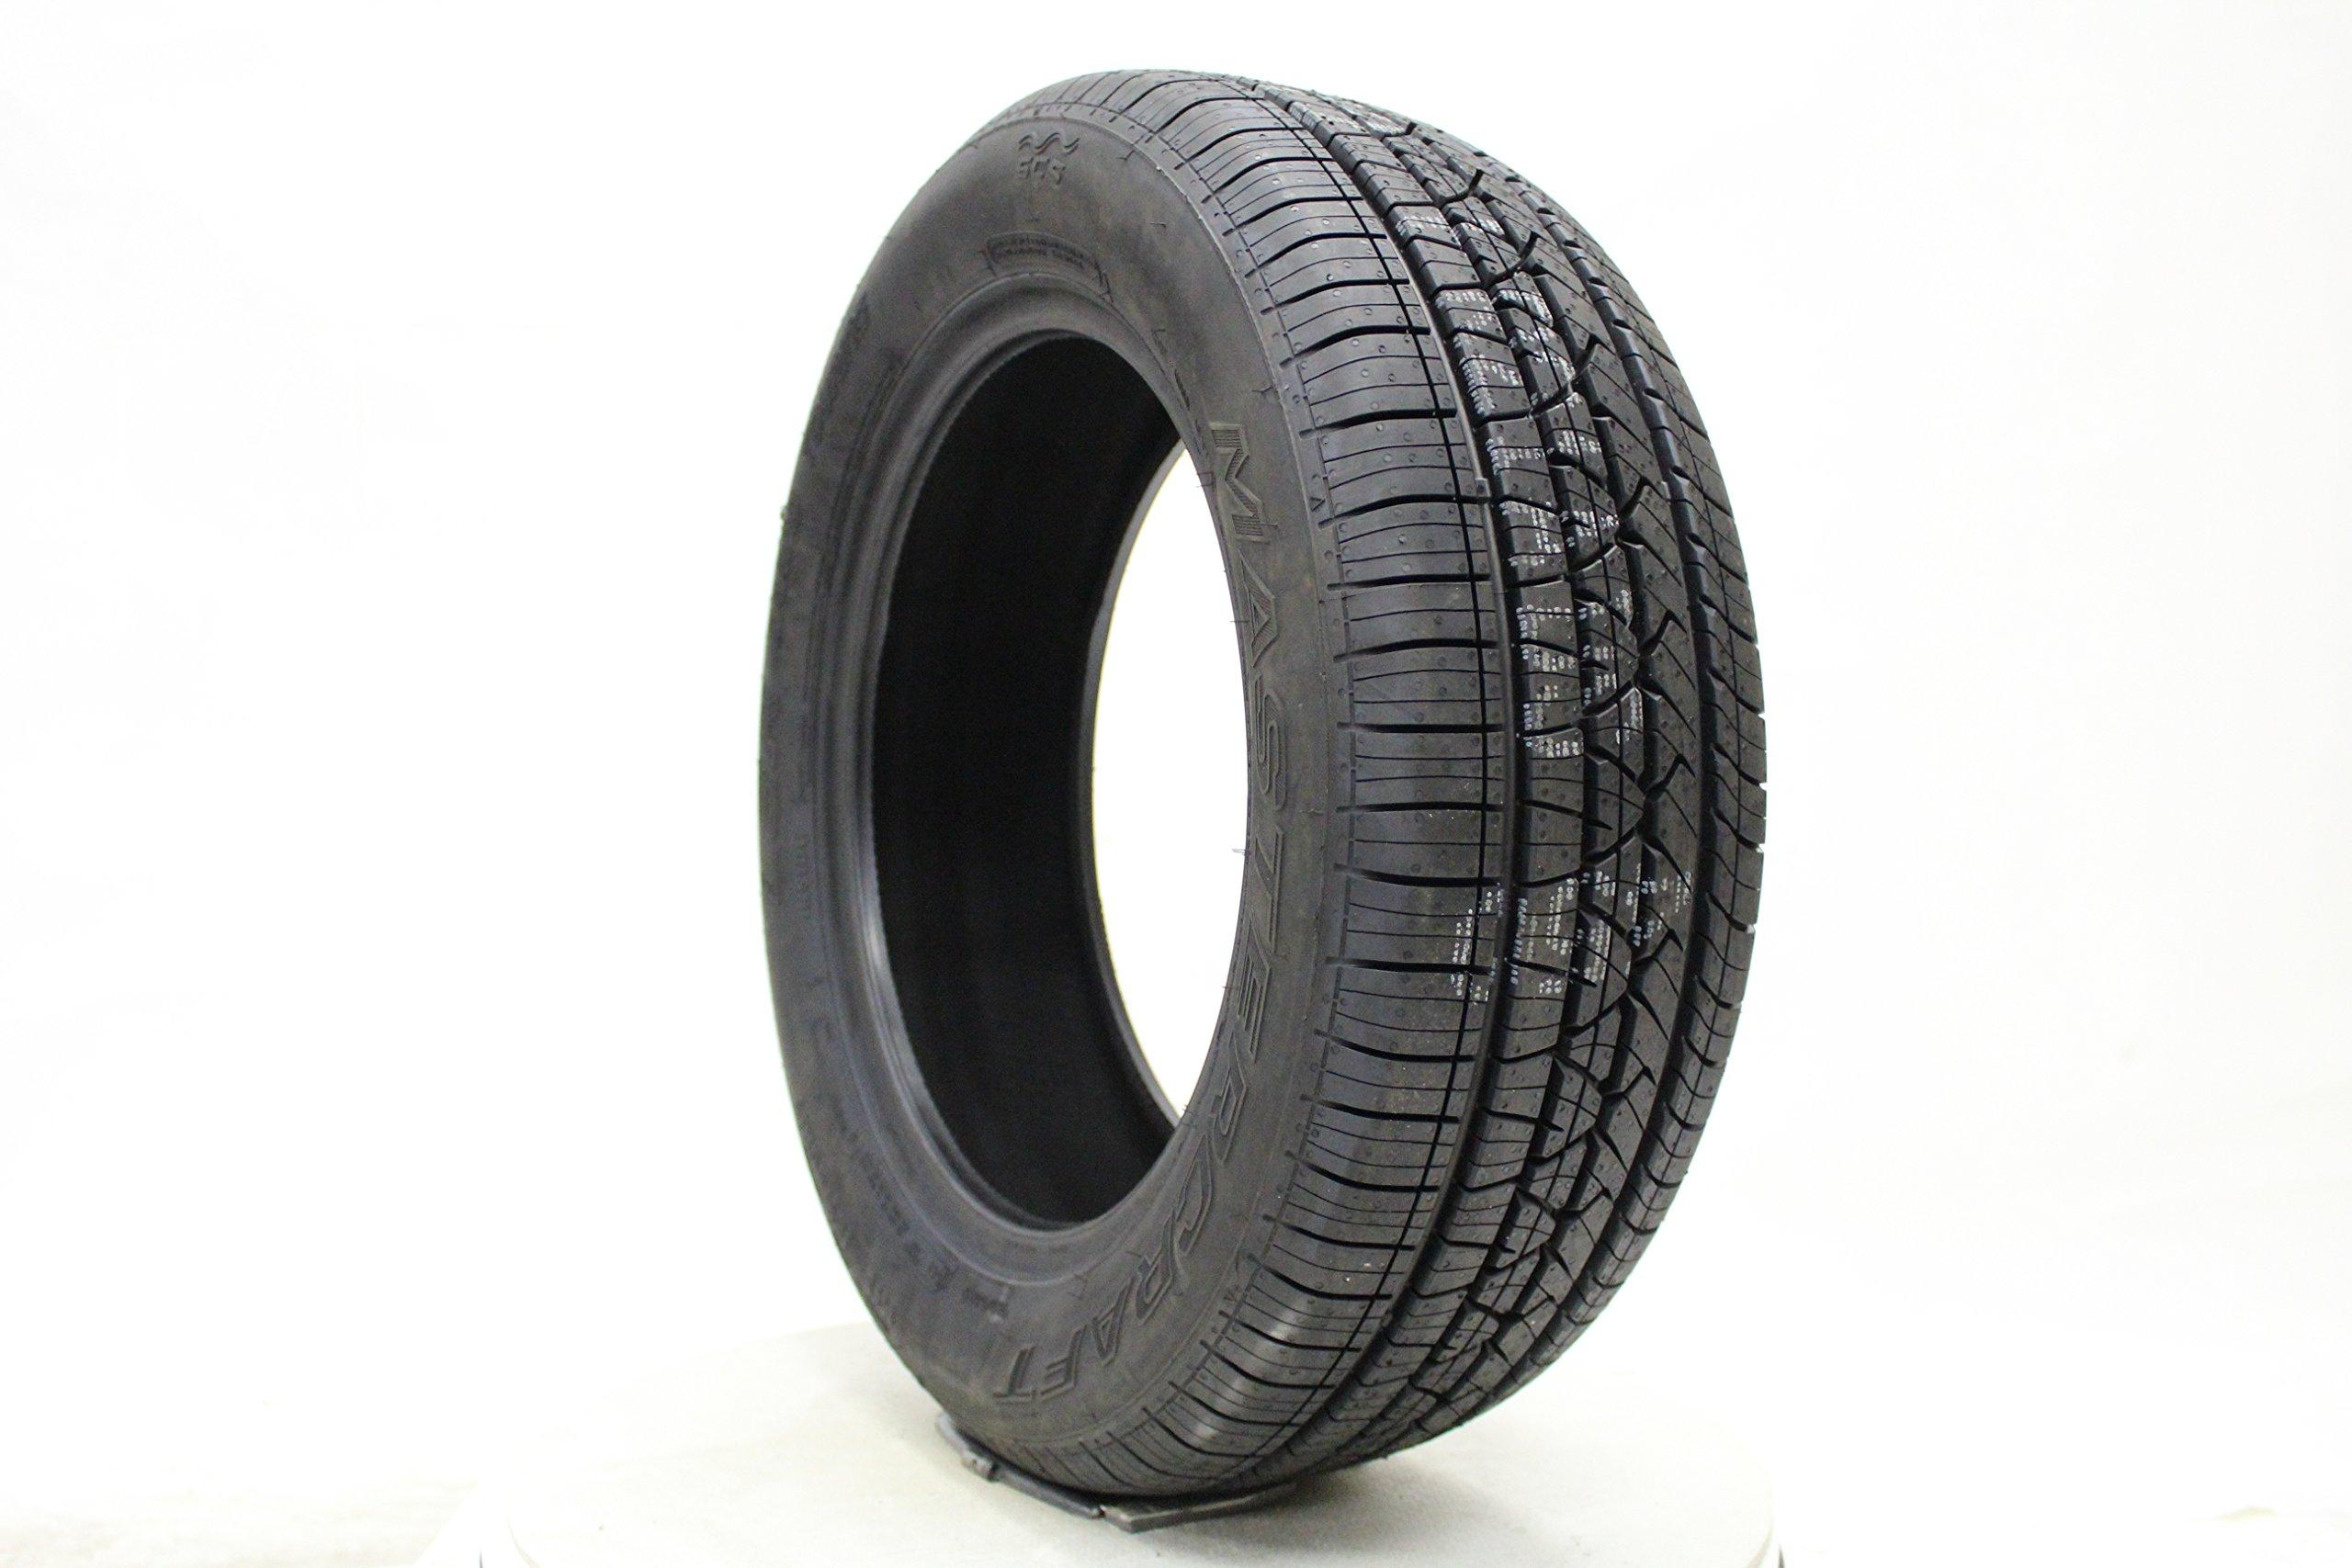 Mastercraft LSR Grand Touring Radial Tire - 205/50R17 93V